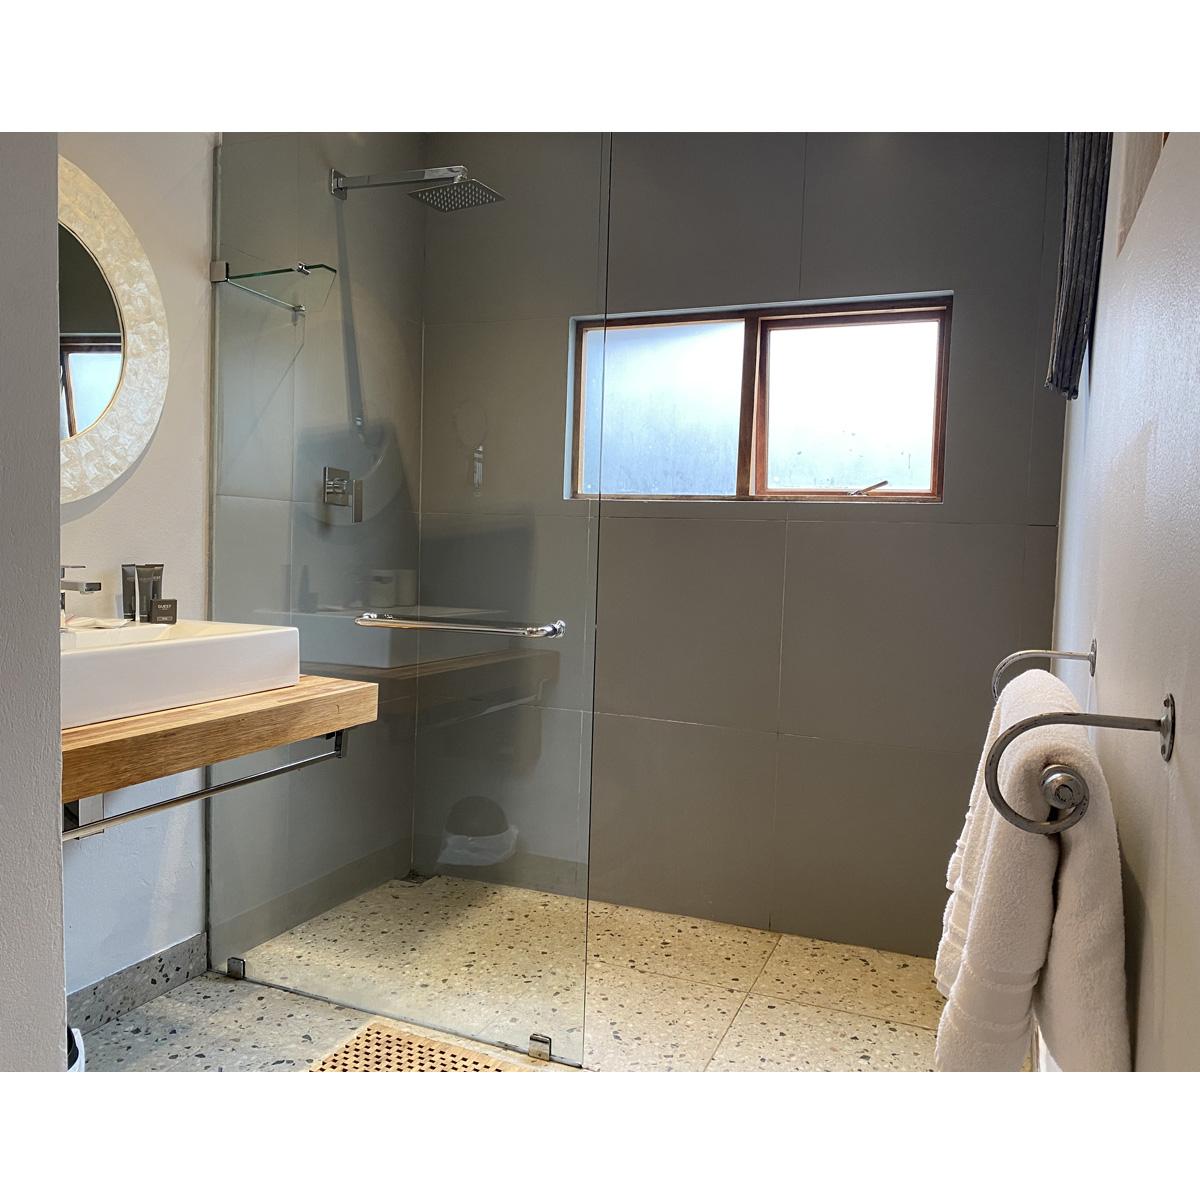 khanyakude-ekhaya-bathroom